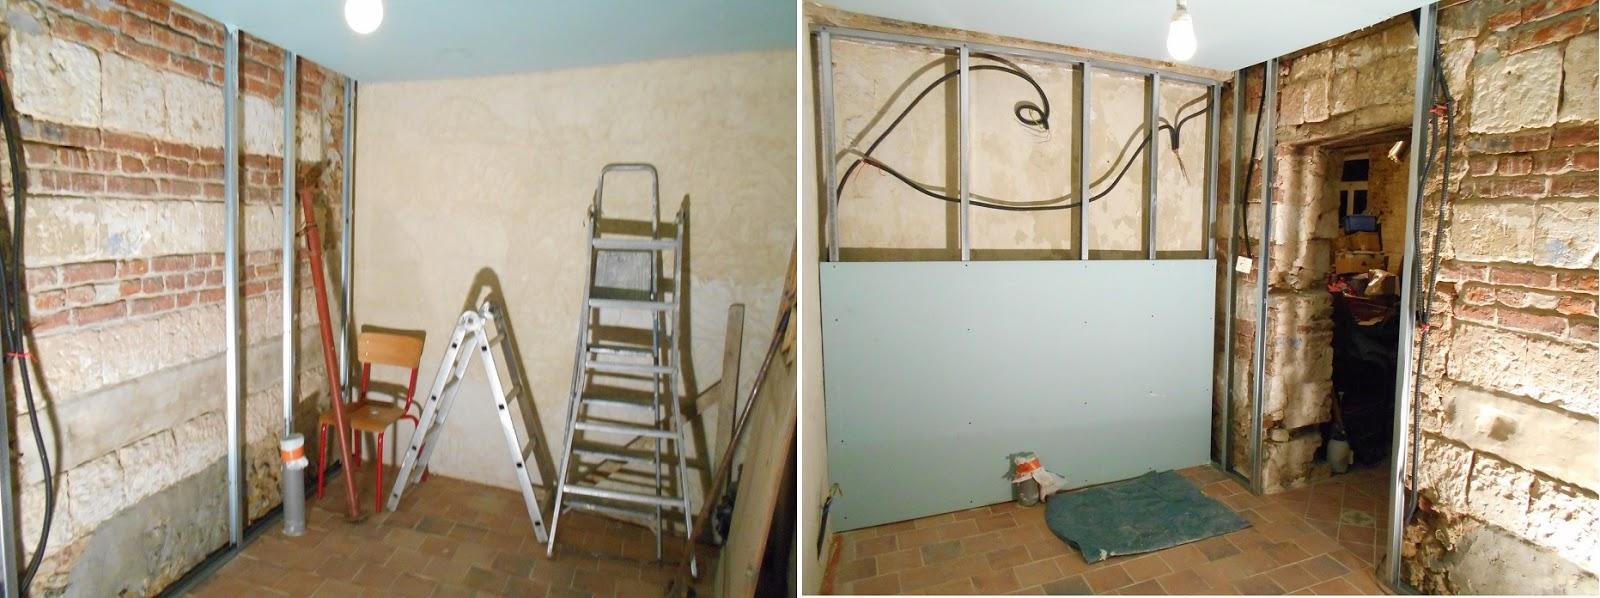 est permis besoin d'installer un mur de carreaux de céramique